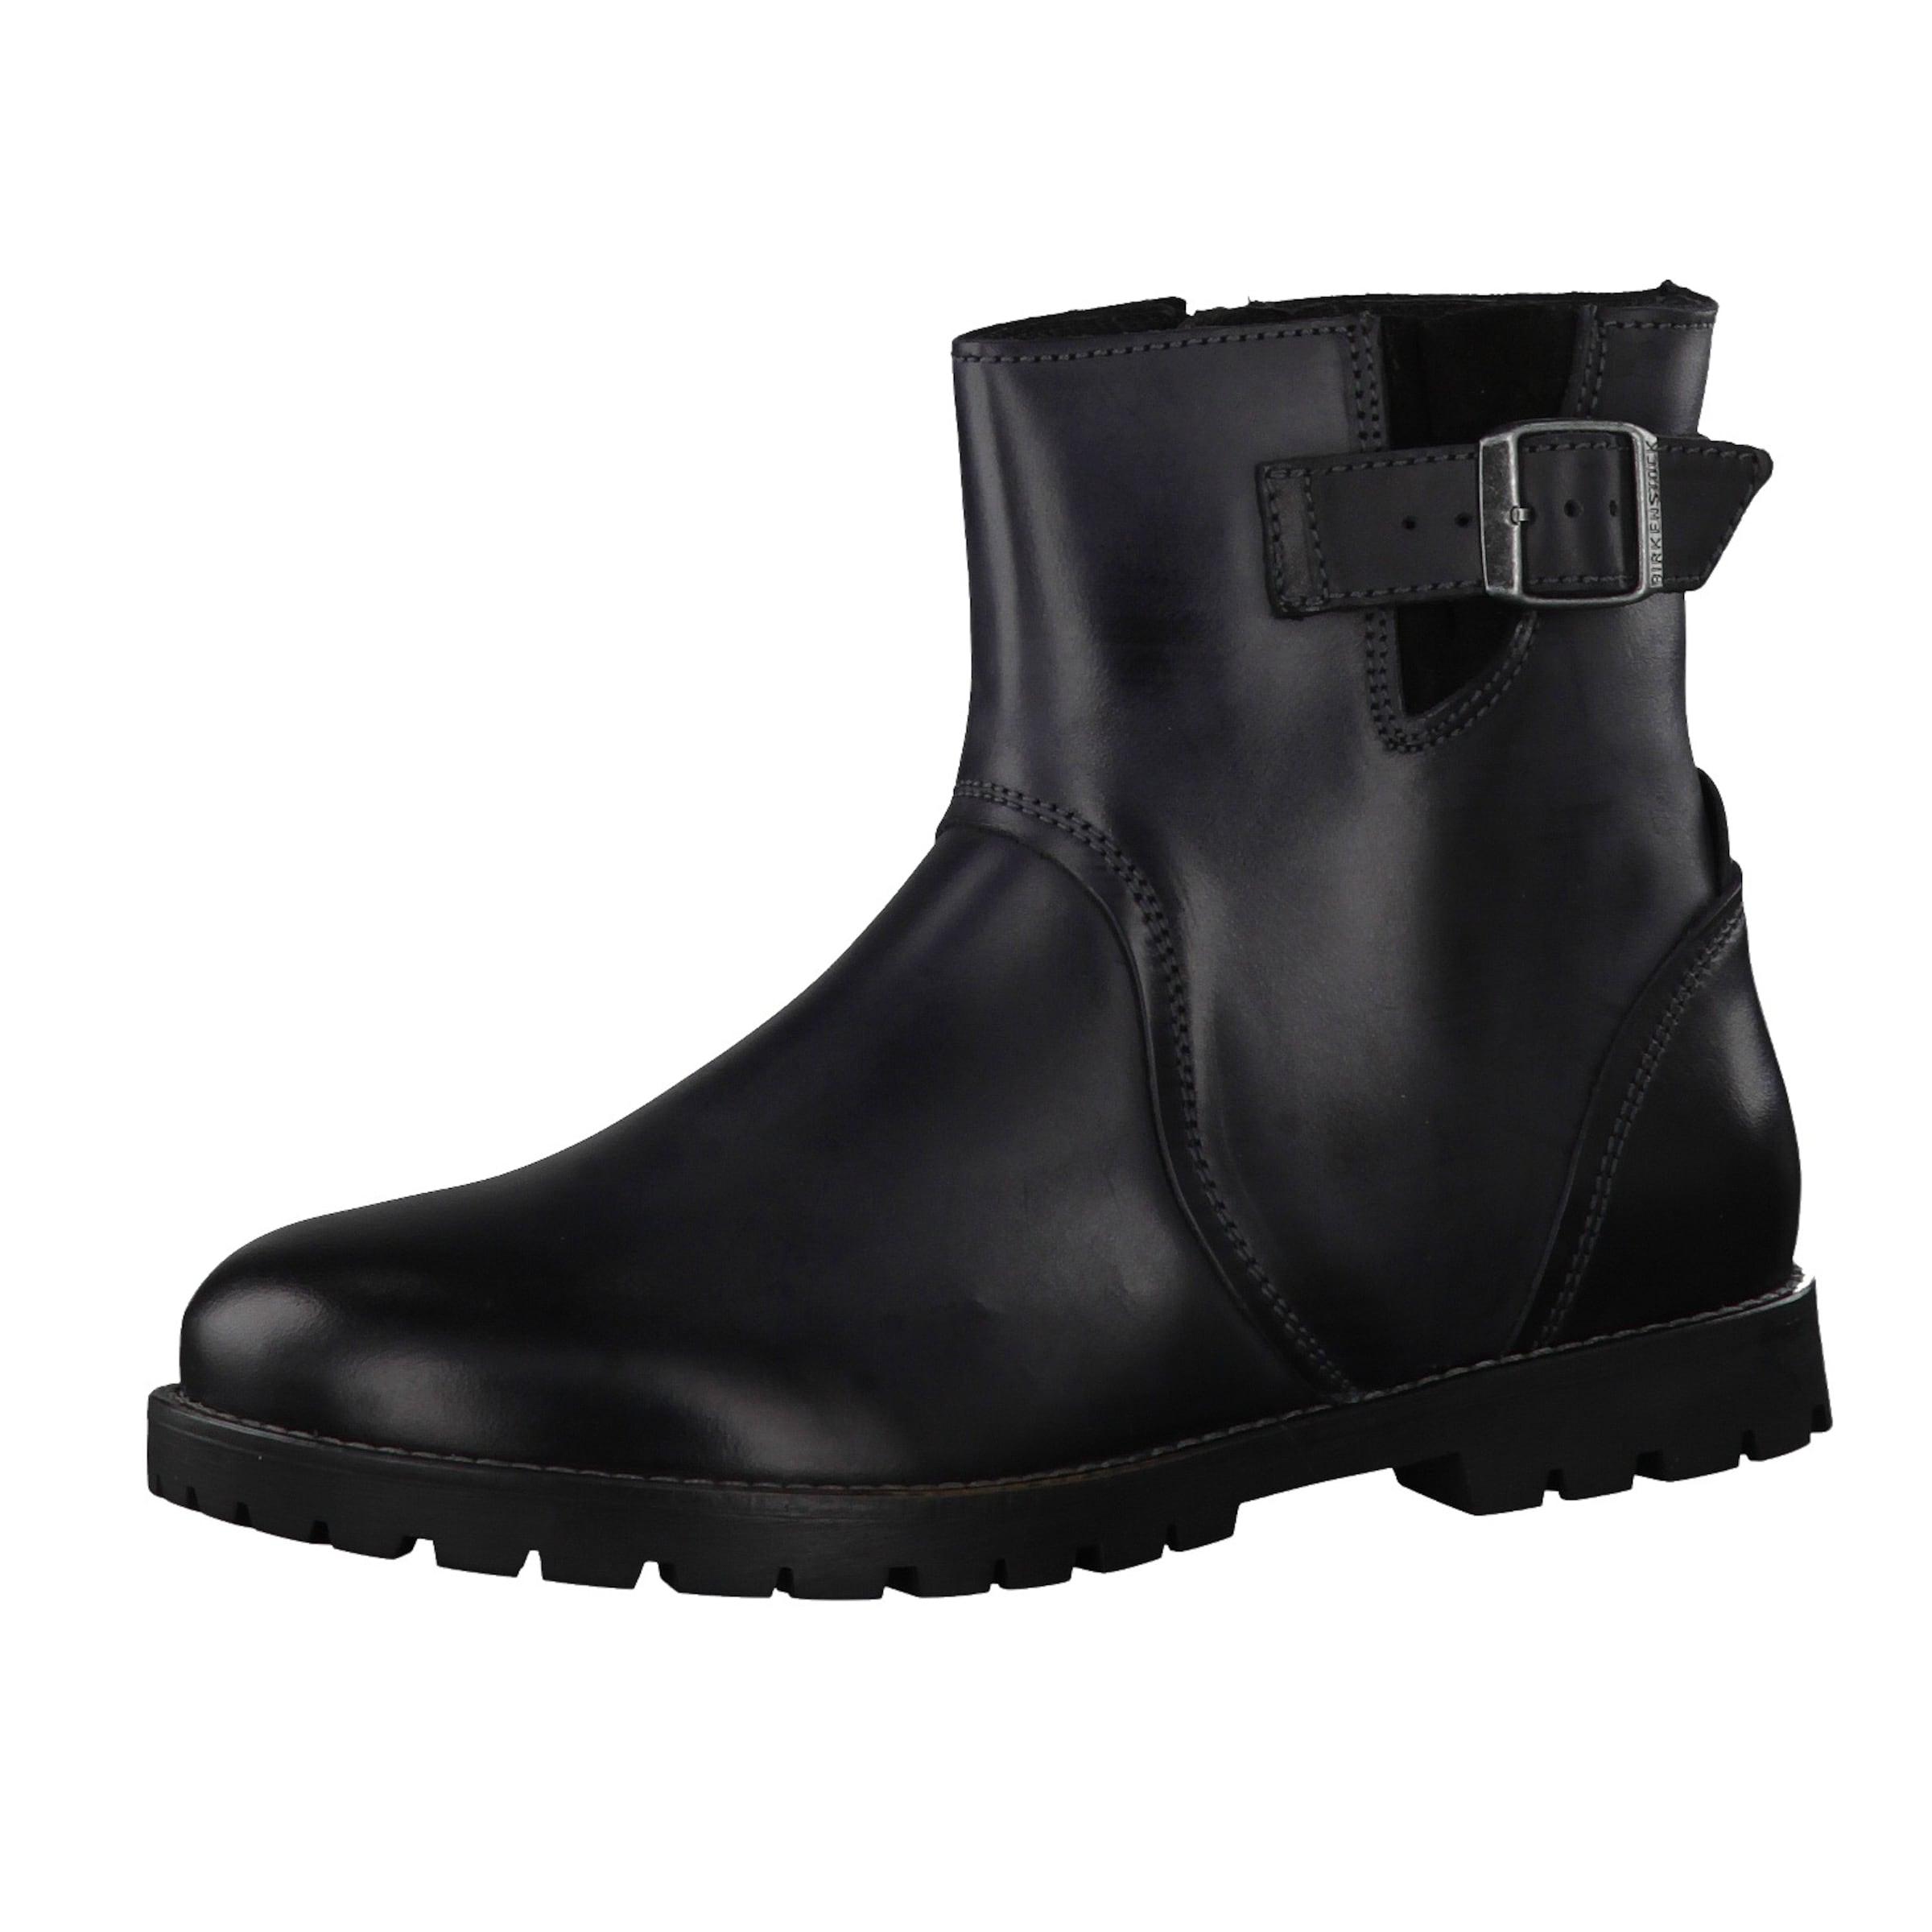 BIRKENSTOCK Boots Verschleißfeste billige Schuhe Hohe Qualität